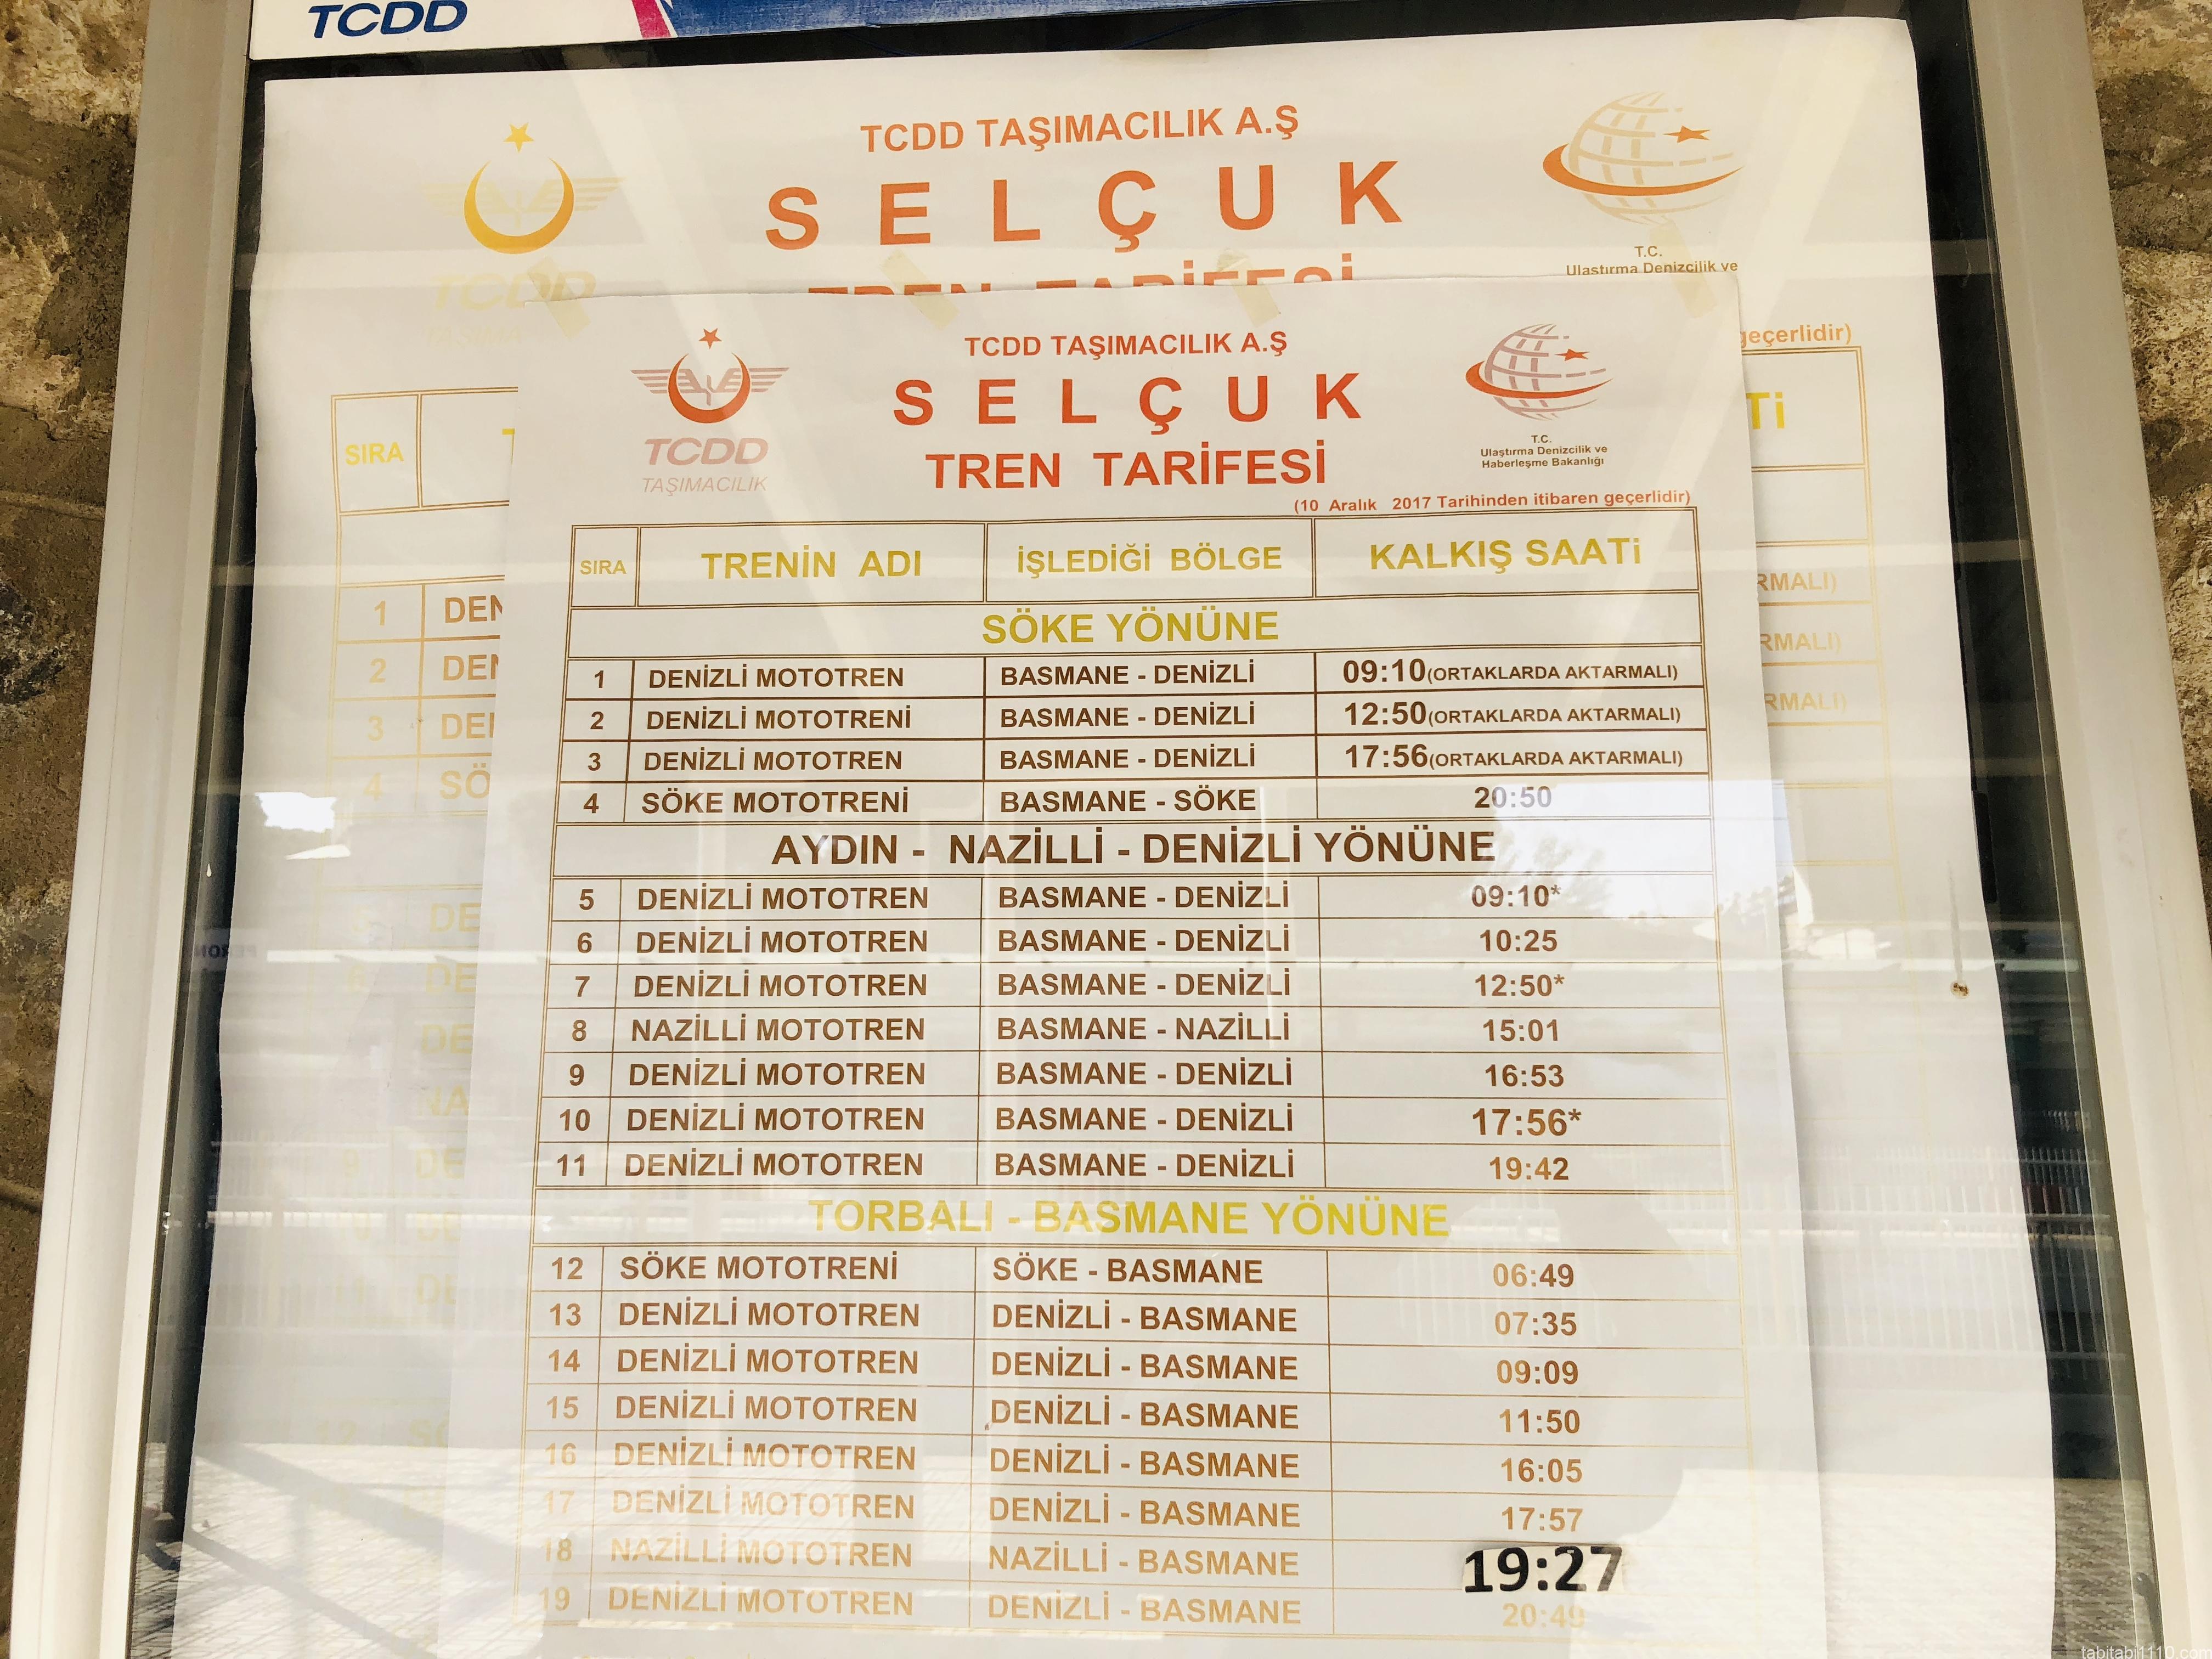 セルチュクからデニズリ(パムッカレ)の電車の時刻表